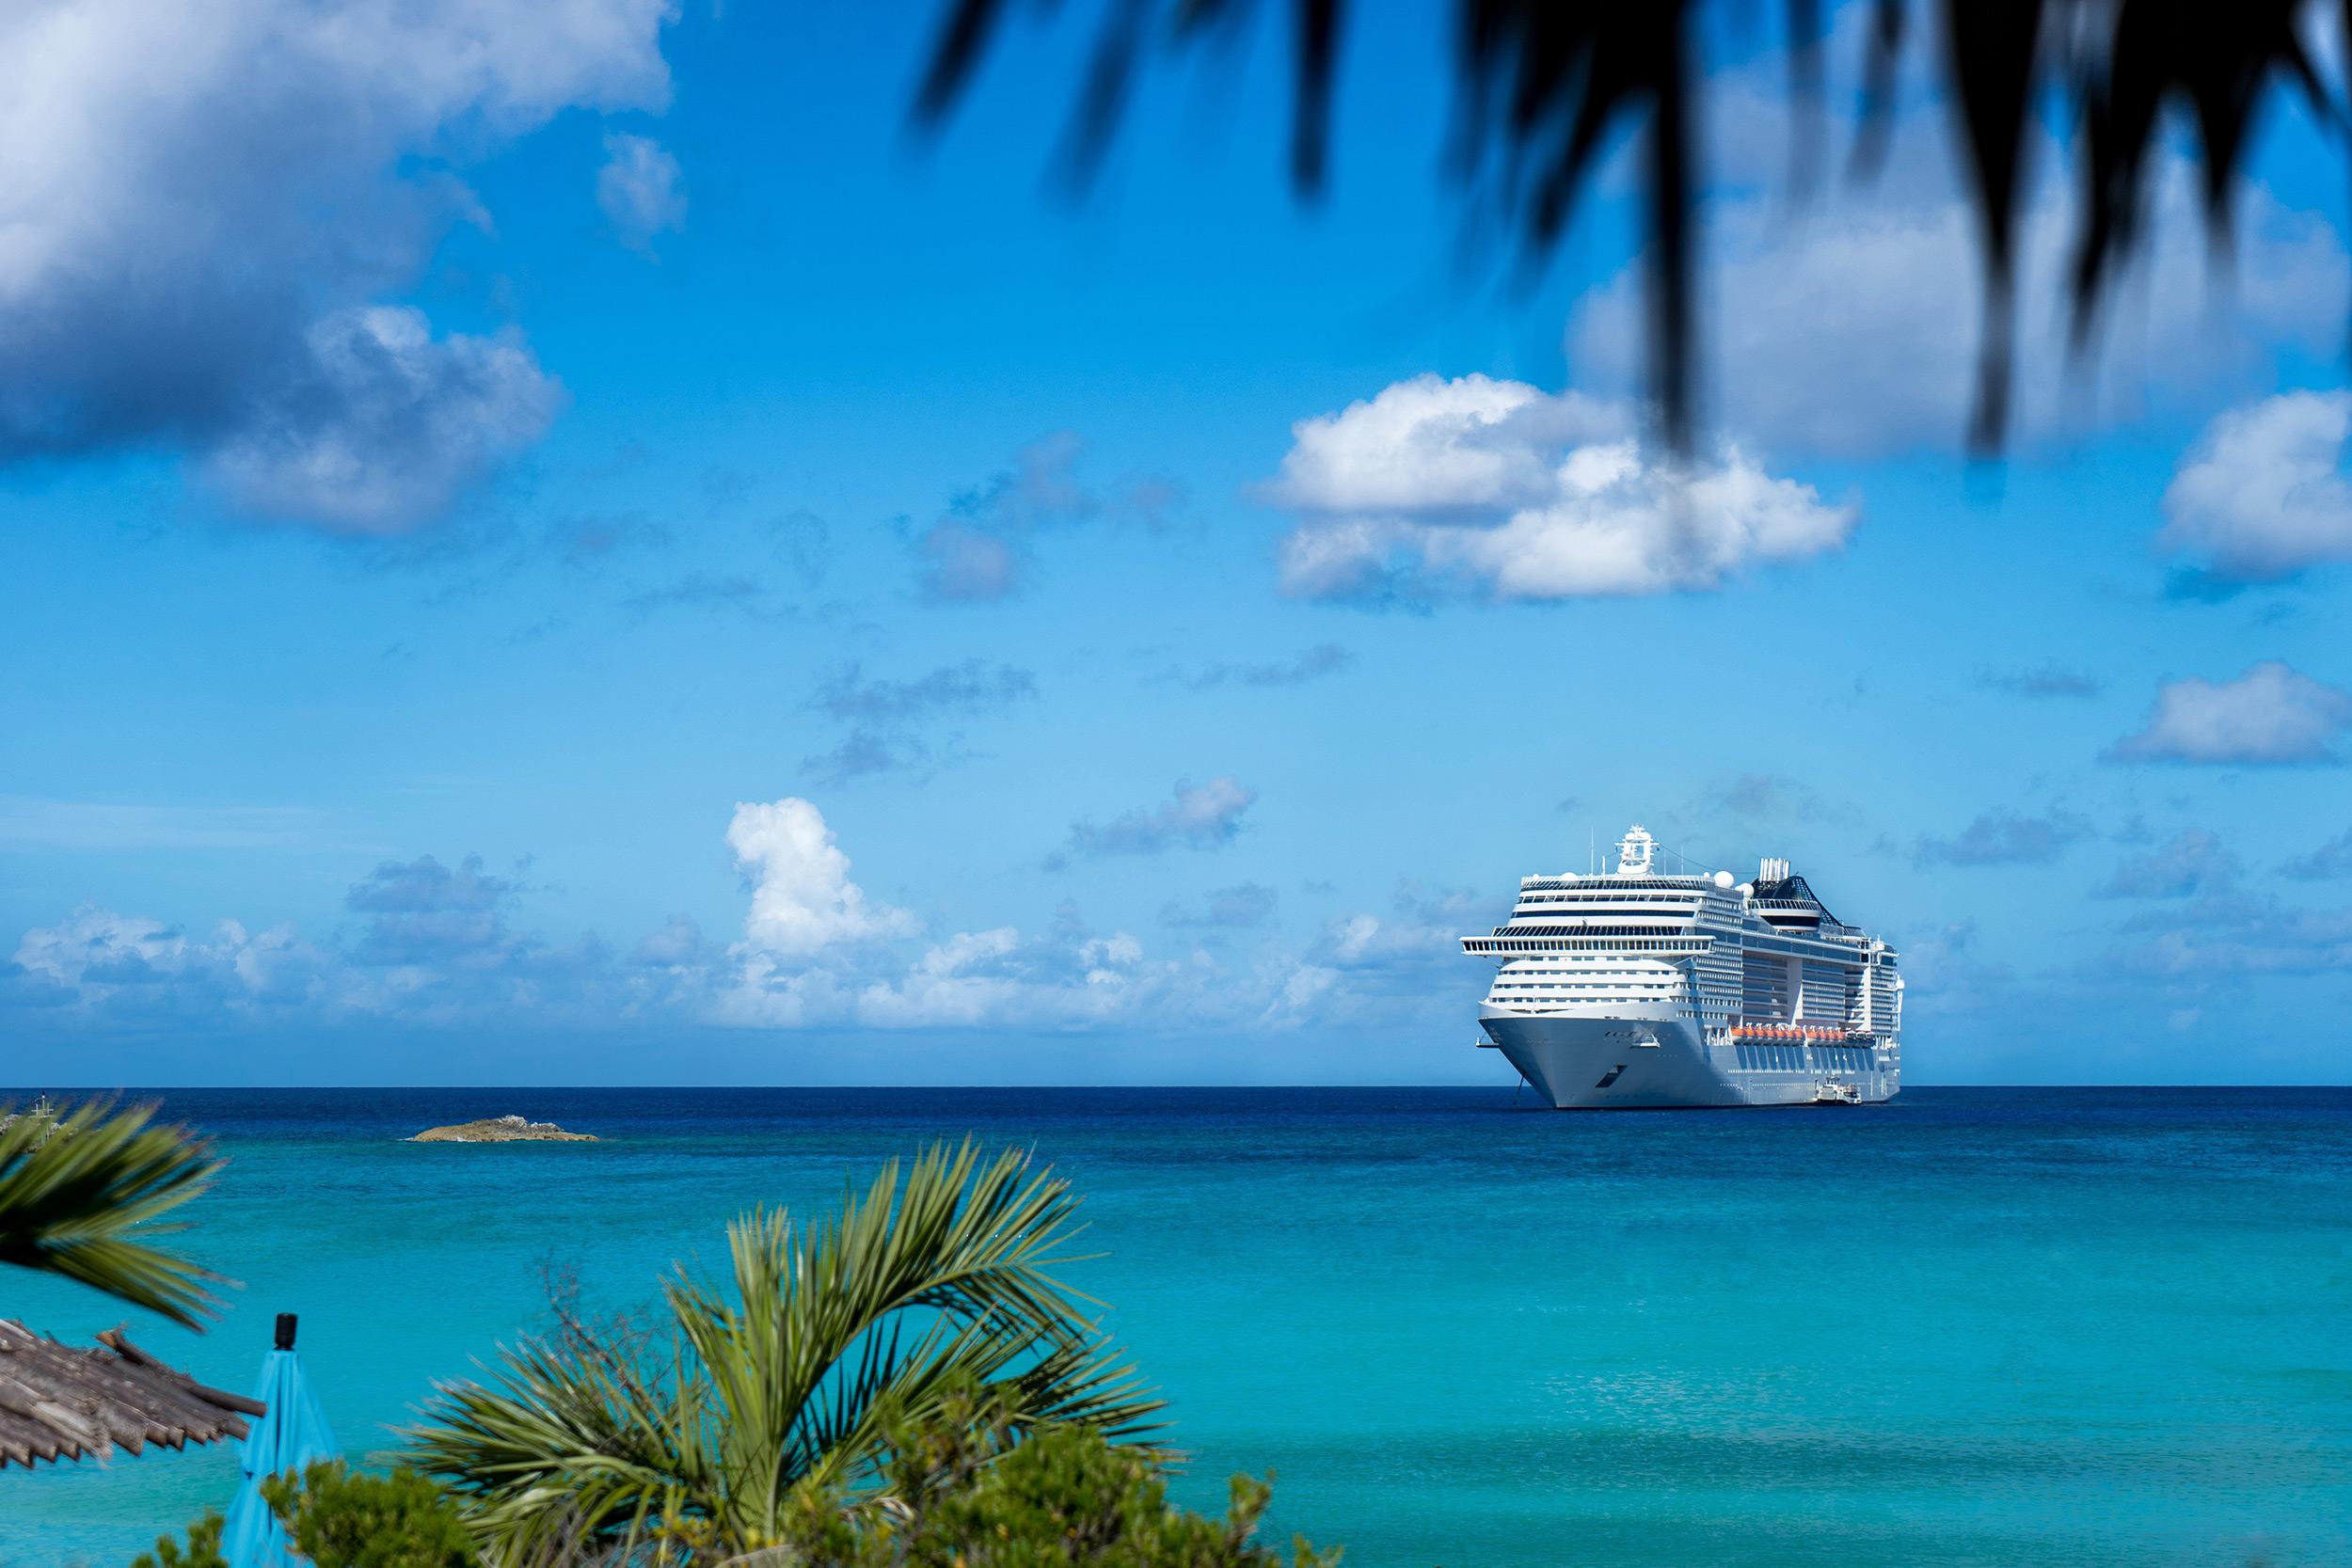 Das sind die 11 größten Kreuzfahrtschiffe der Welt